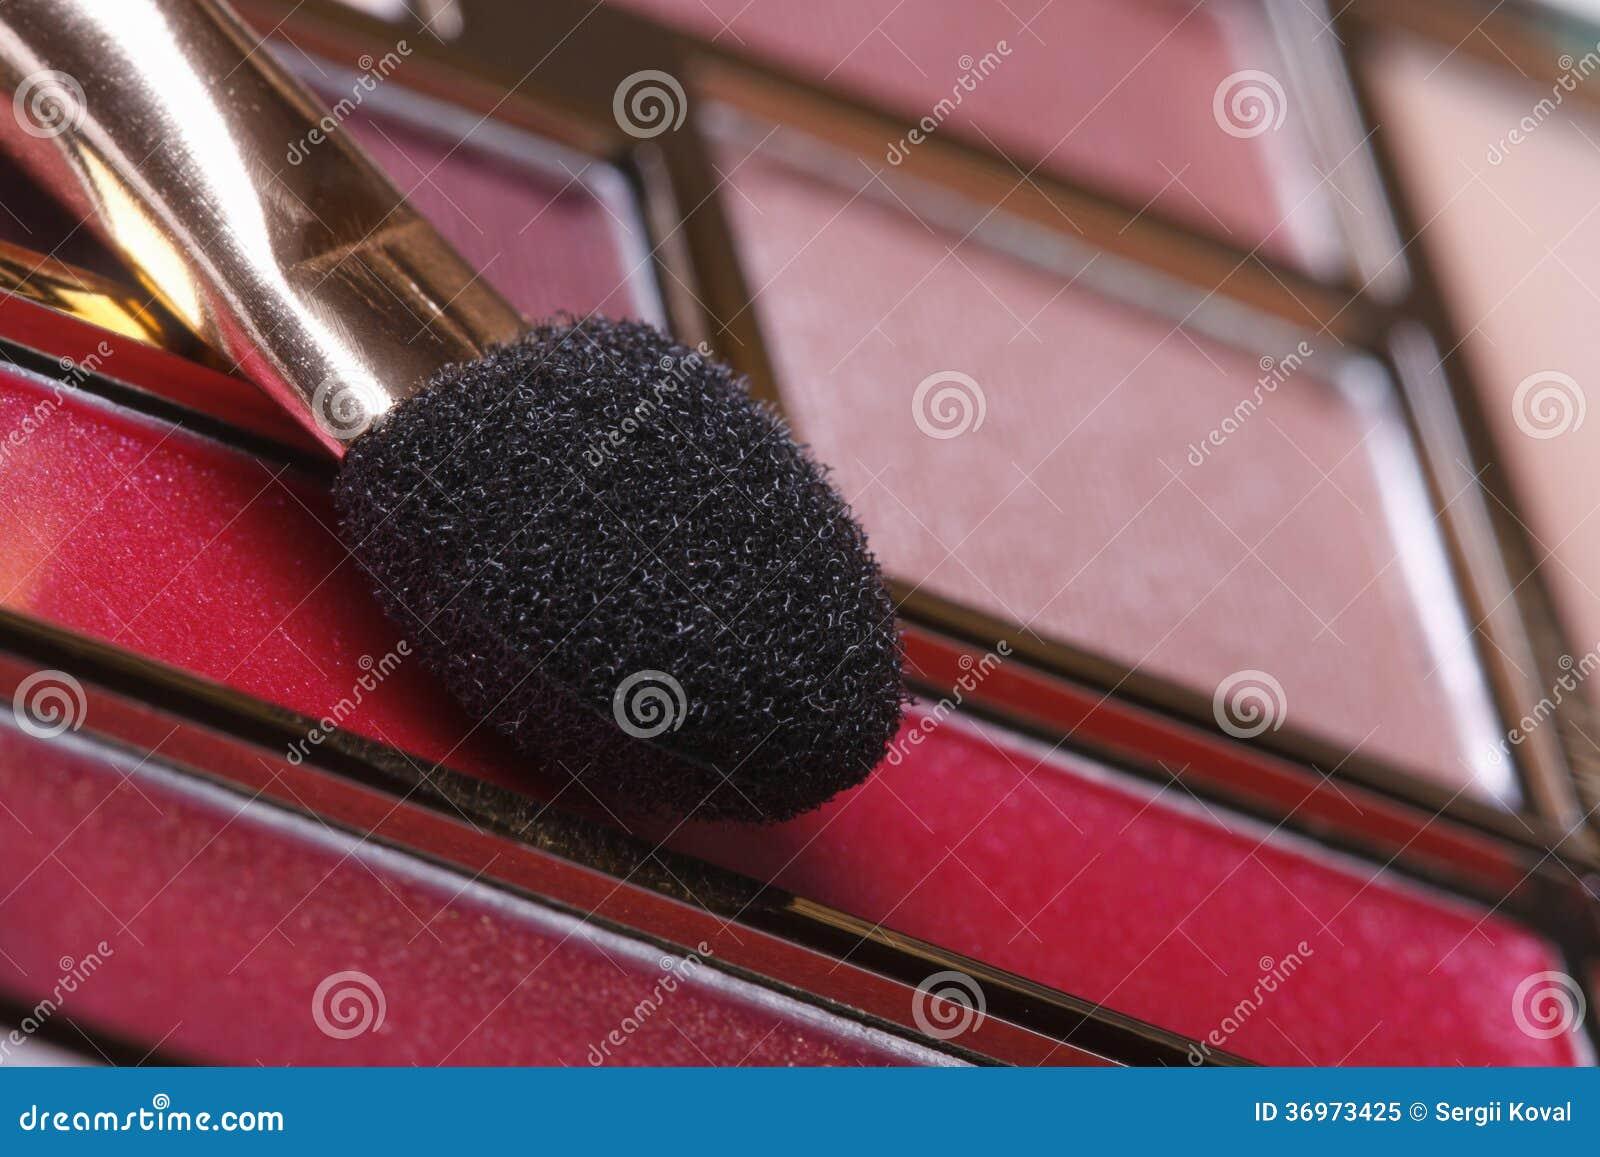 Palette de maquillage dans des tons roses avec la fin d - Palette maquillage avec pinceaux ...